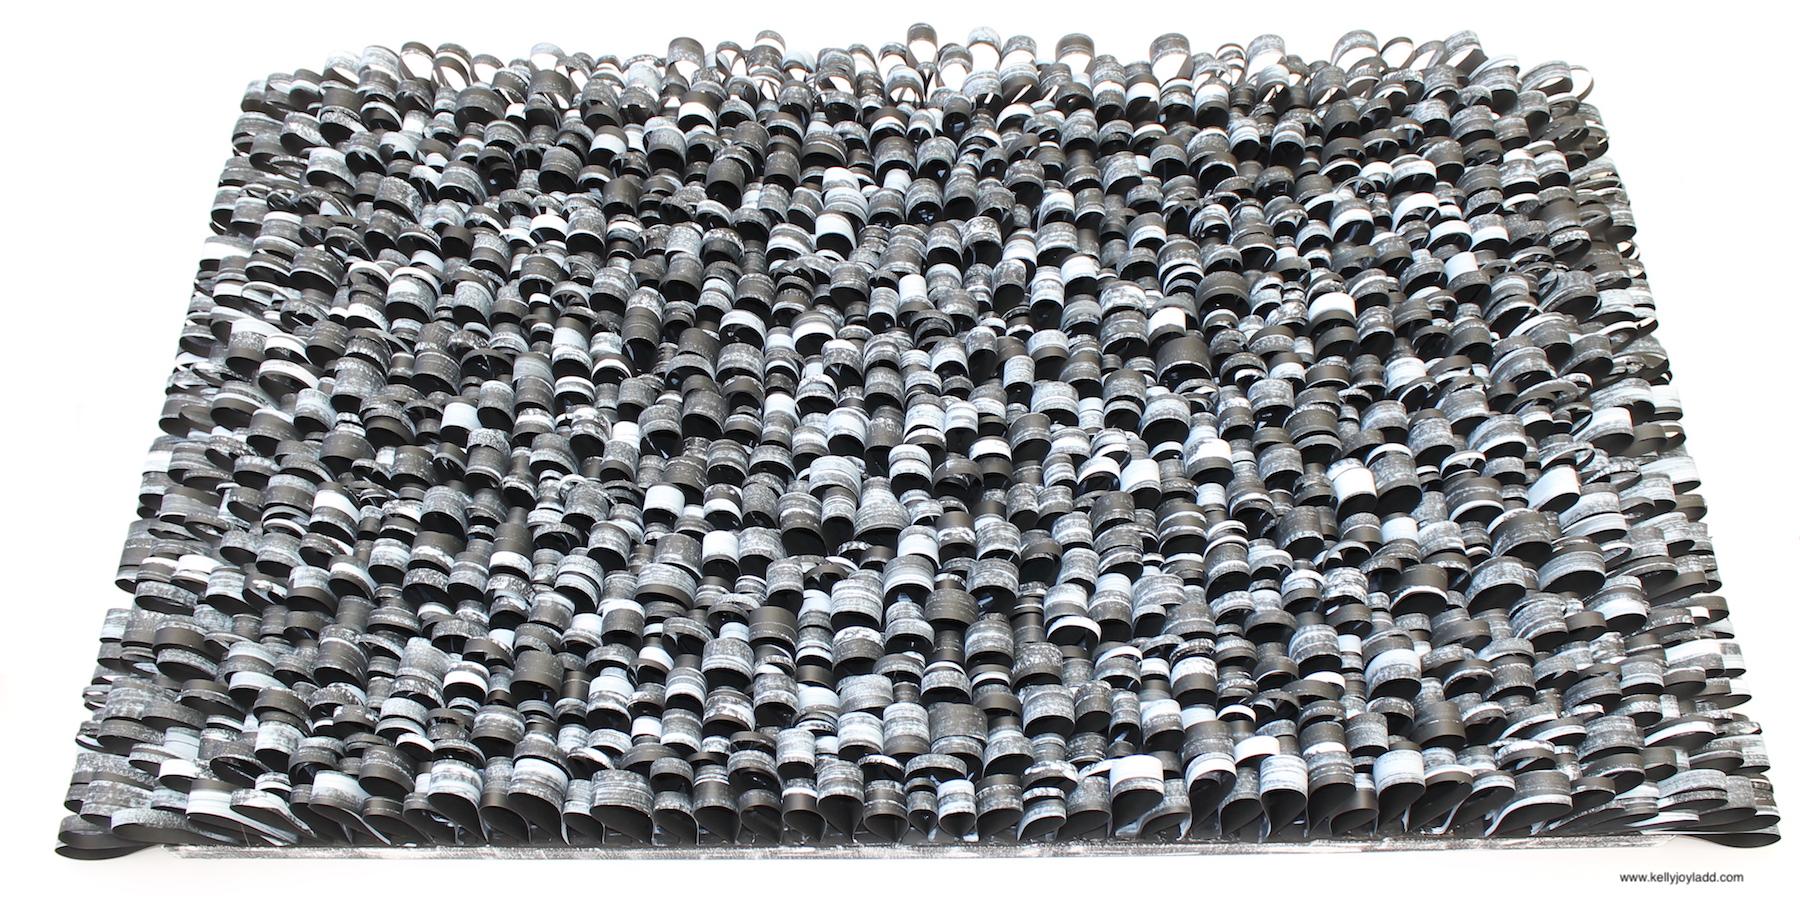 Kelly Joy Ladd stardust 1 paper artist www.kellyjoyladd.com